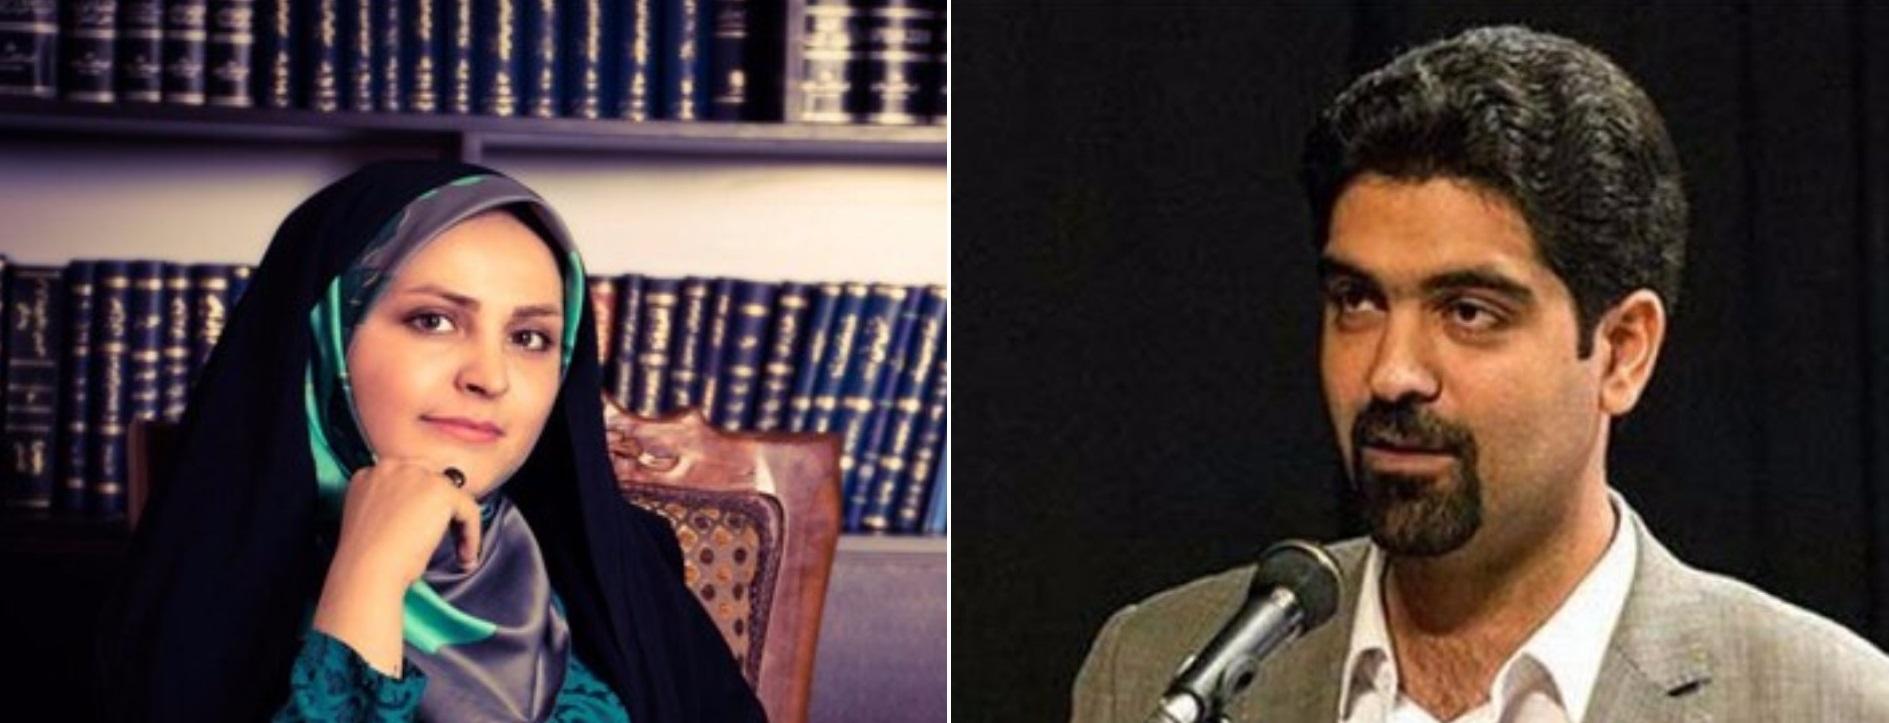 جانشین احتمالی عضو زرتشتی شورای شهر یزد: افراطیون تحریکم کردند!